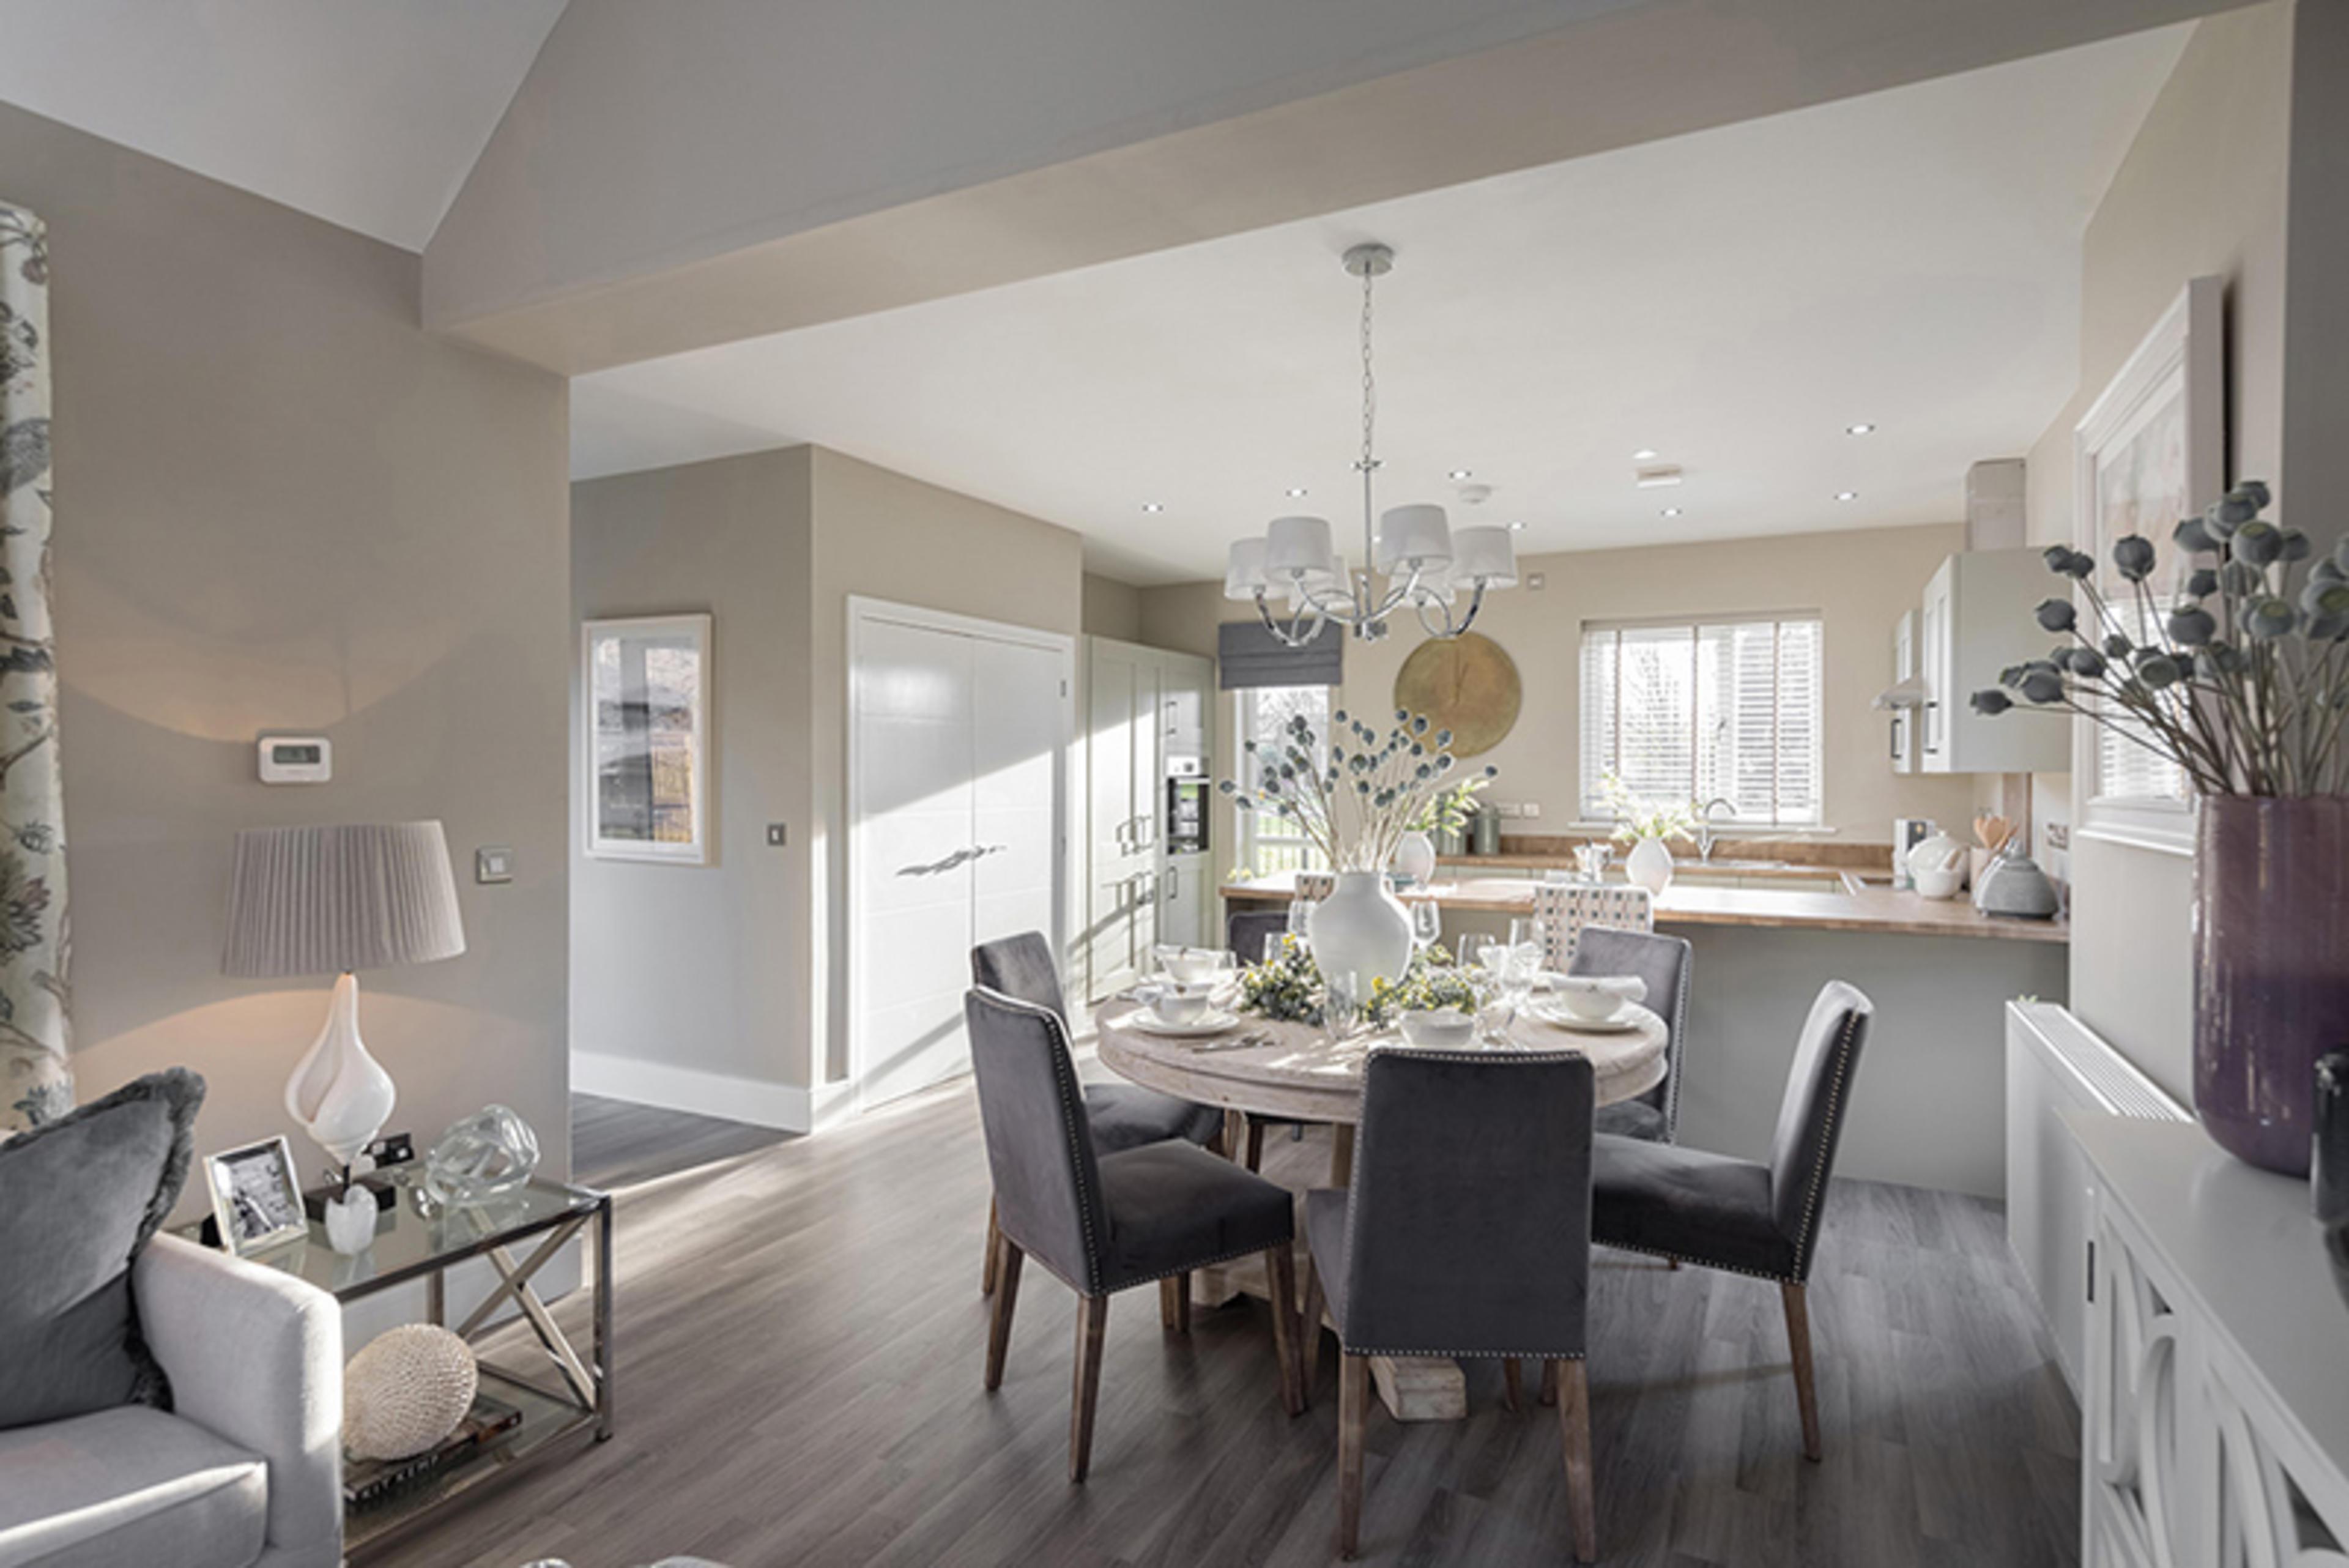 watling-grange-harrogate-calder-3-bed-home-dining-room-and-kitchen-1